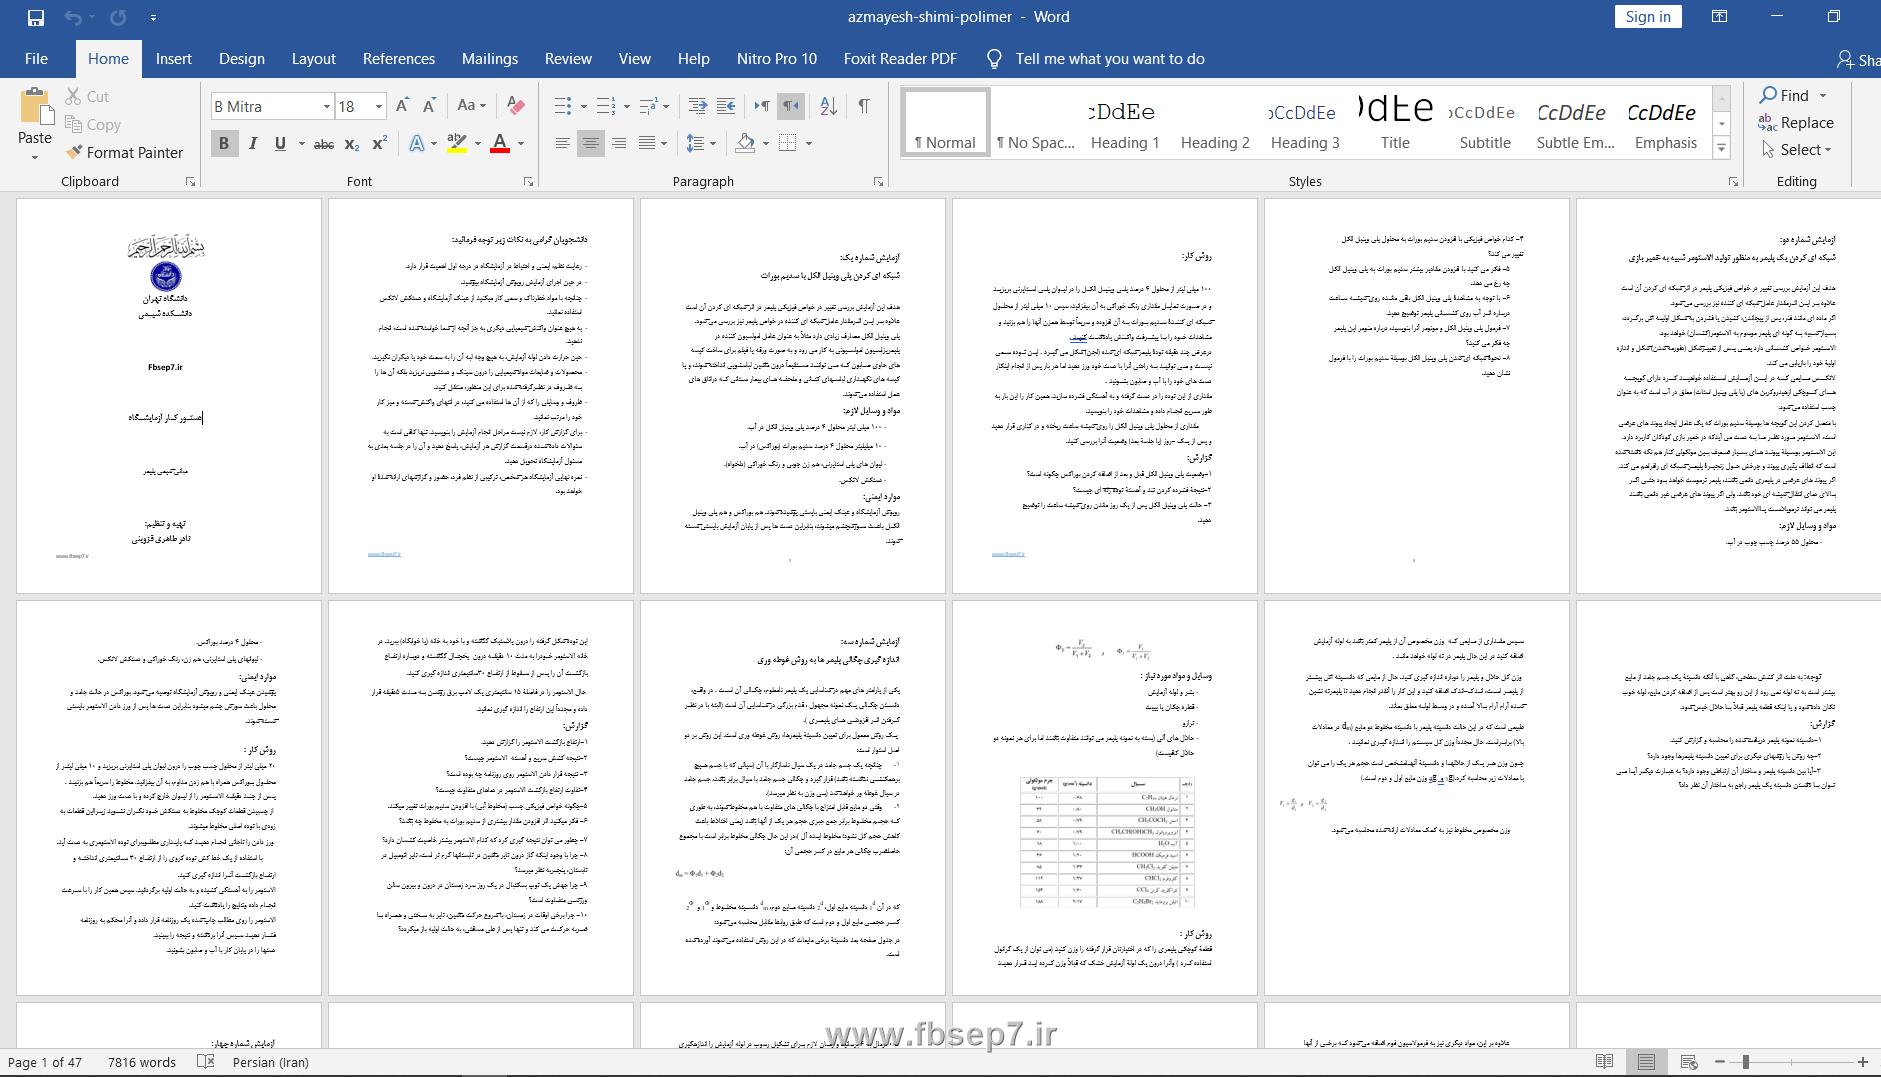 گزارش کار آزمایشگاه شیمی پلیمر فایل ورد